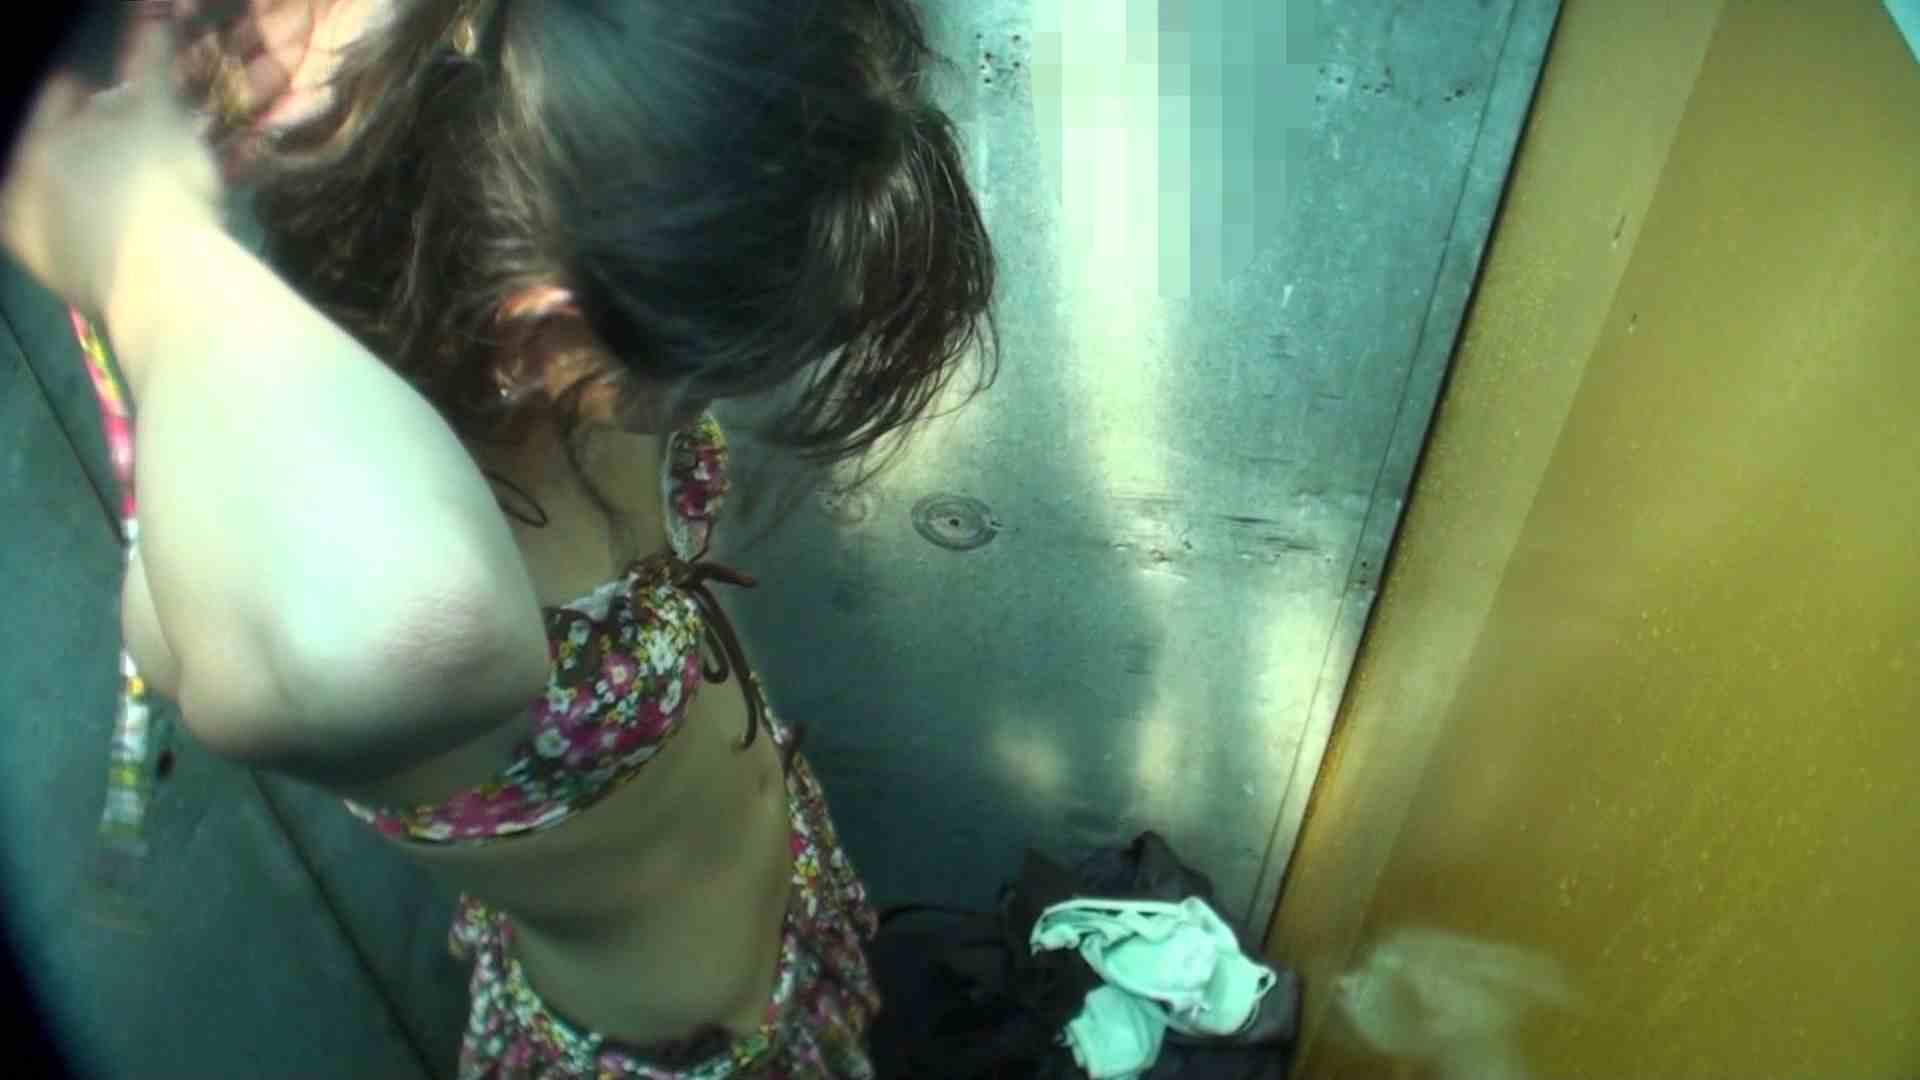 シャワールームは超!!危険な香りVol.16 意外に乳首は年増のそれ シャワー 戯れ無修正画像 44連発 15